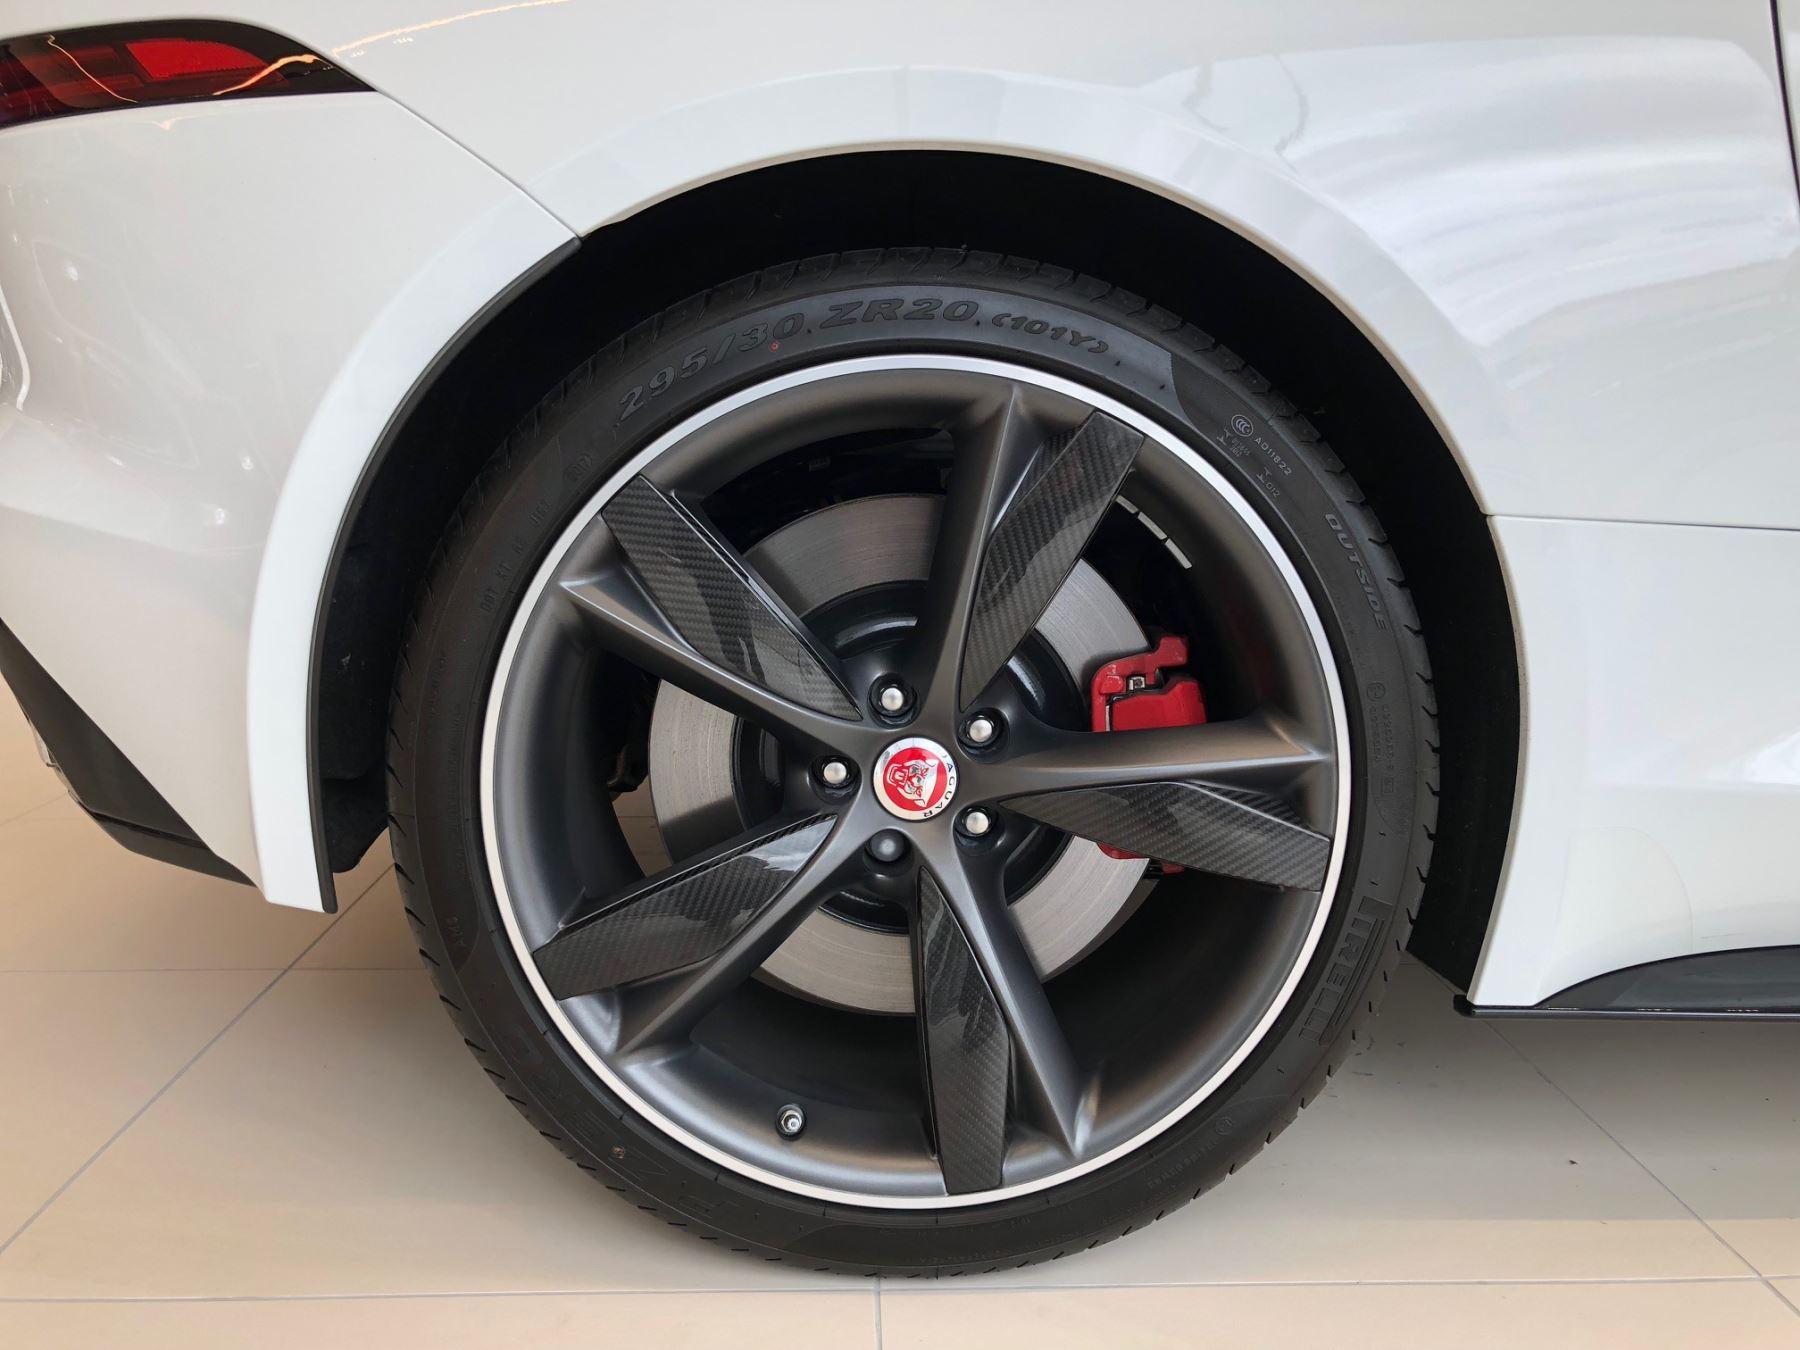 Jaguar F-TYPE 3.0 Supercharged V6 R-Dynamic image 3